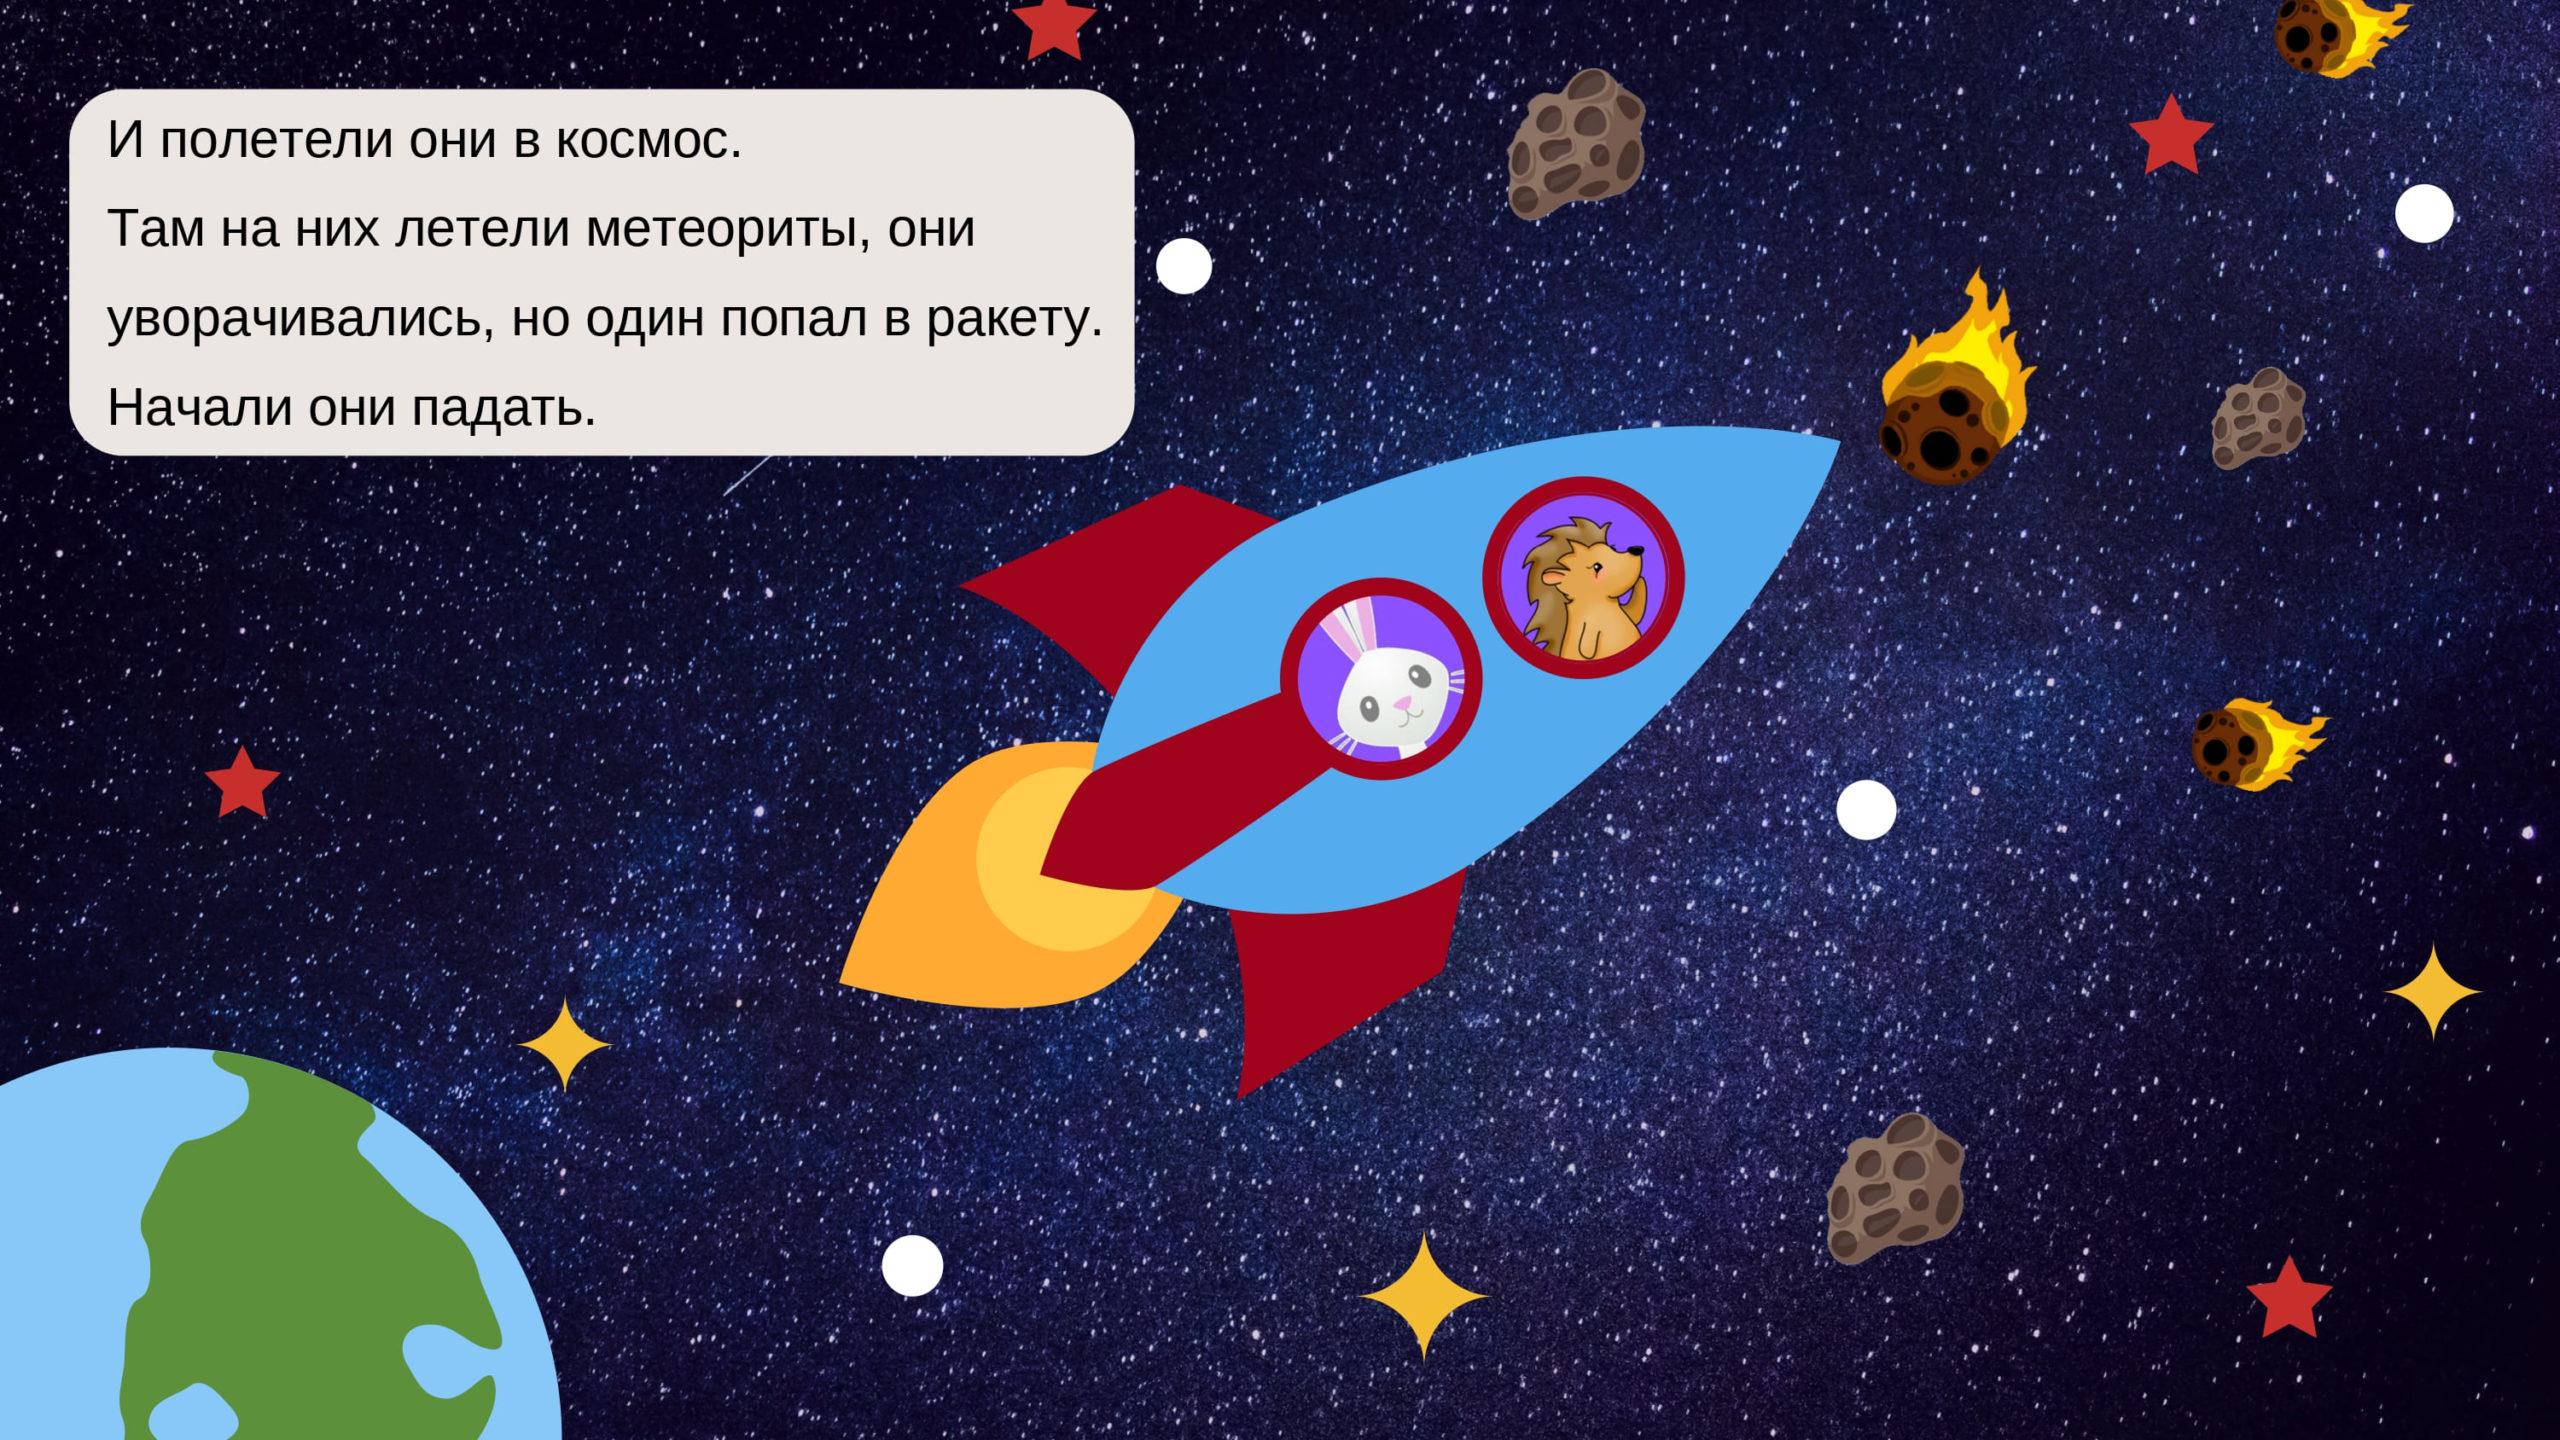 и полетели они в космос